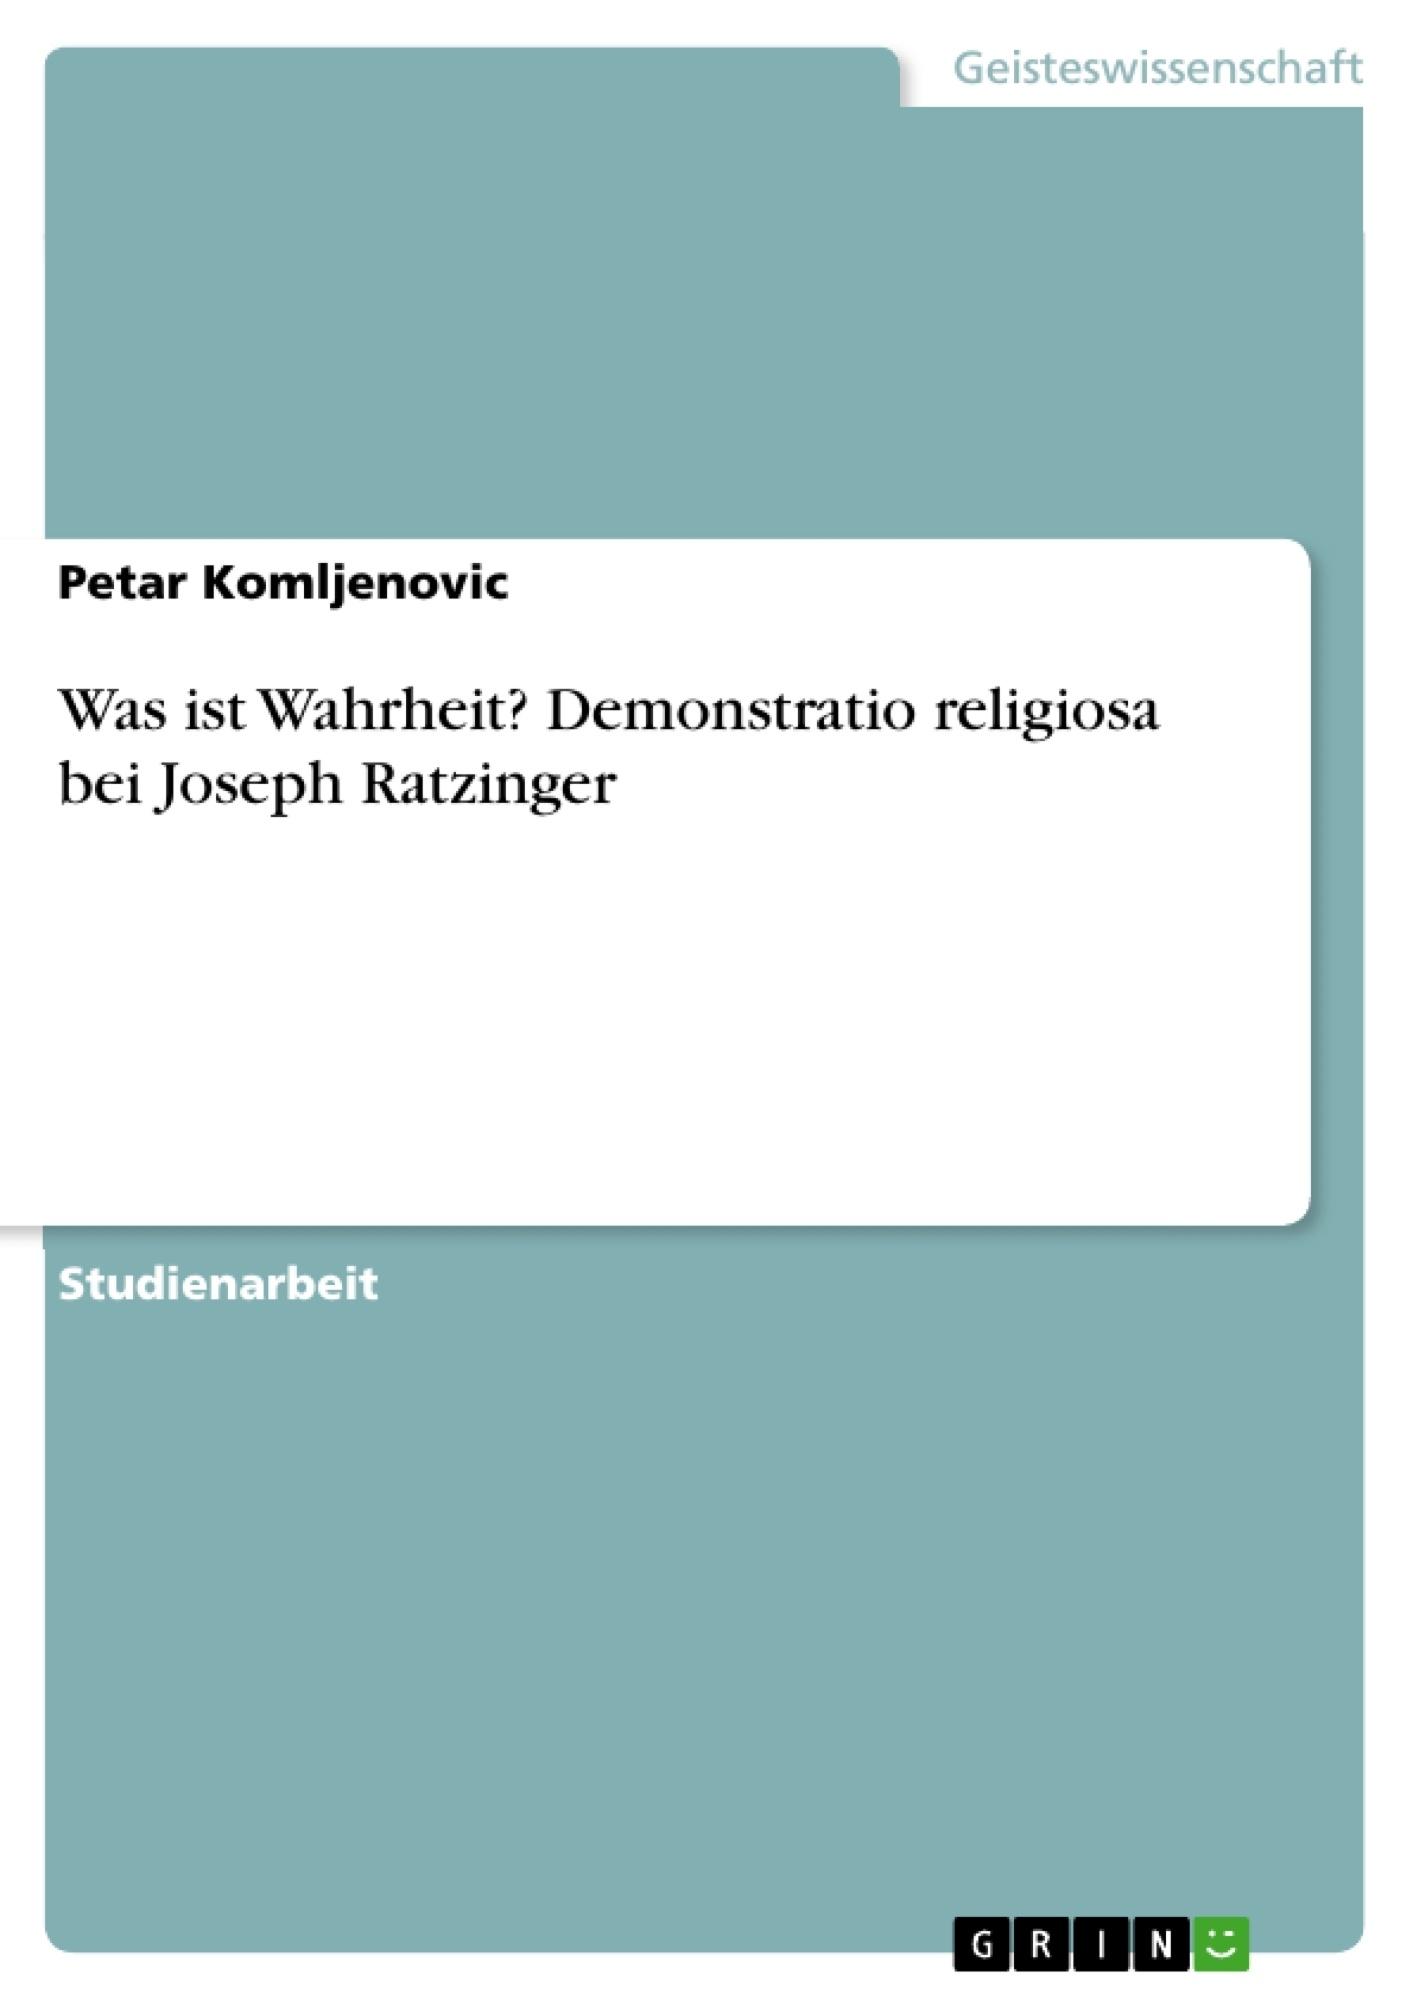 Titel: Was ist Wahrheit? Demonstratio religiosa bei Joseph Ratzinger